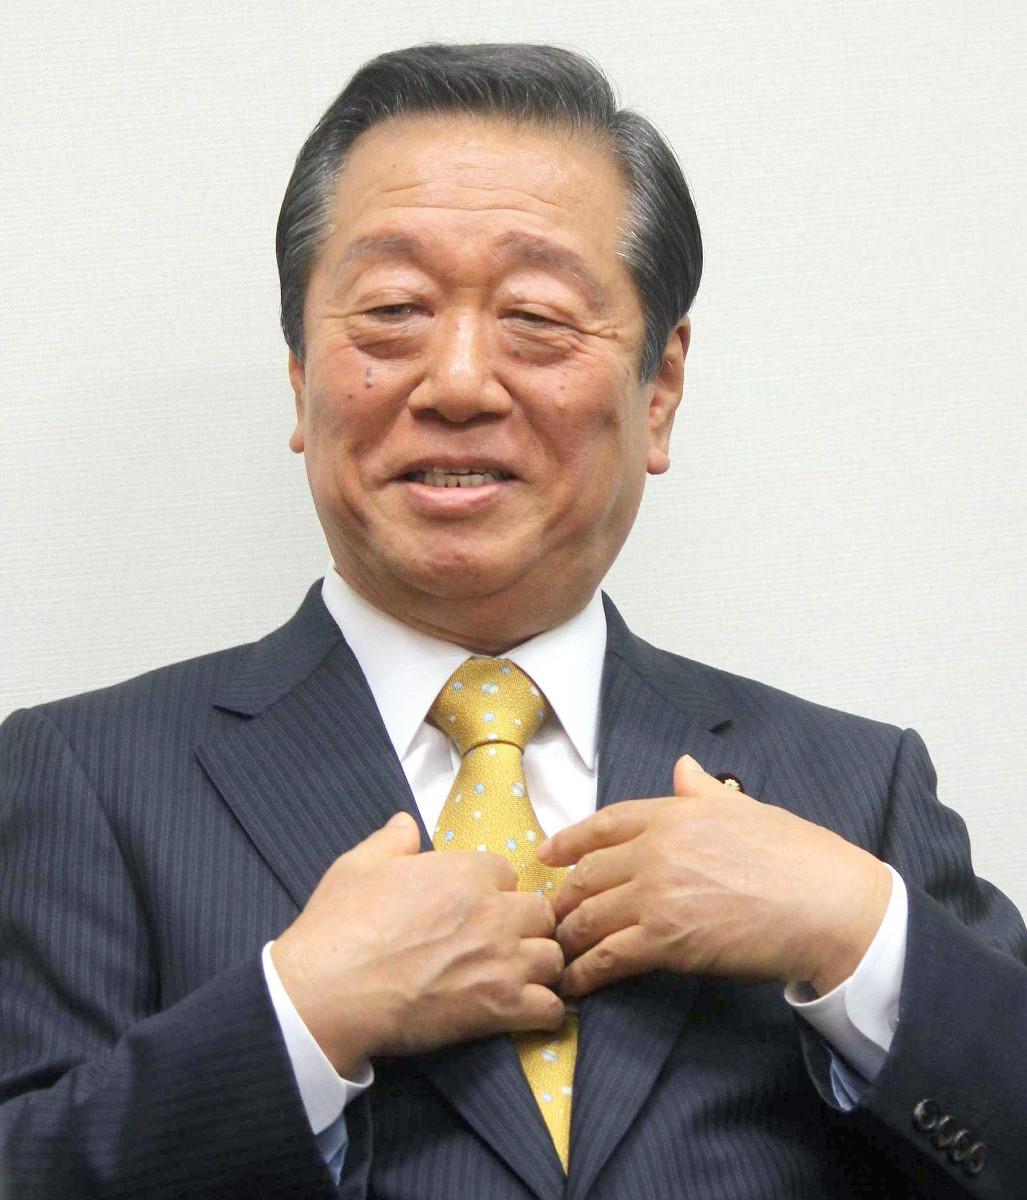 小沢 一郎 ニュース